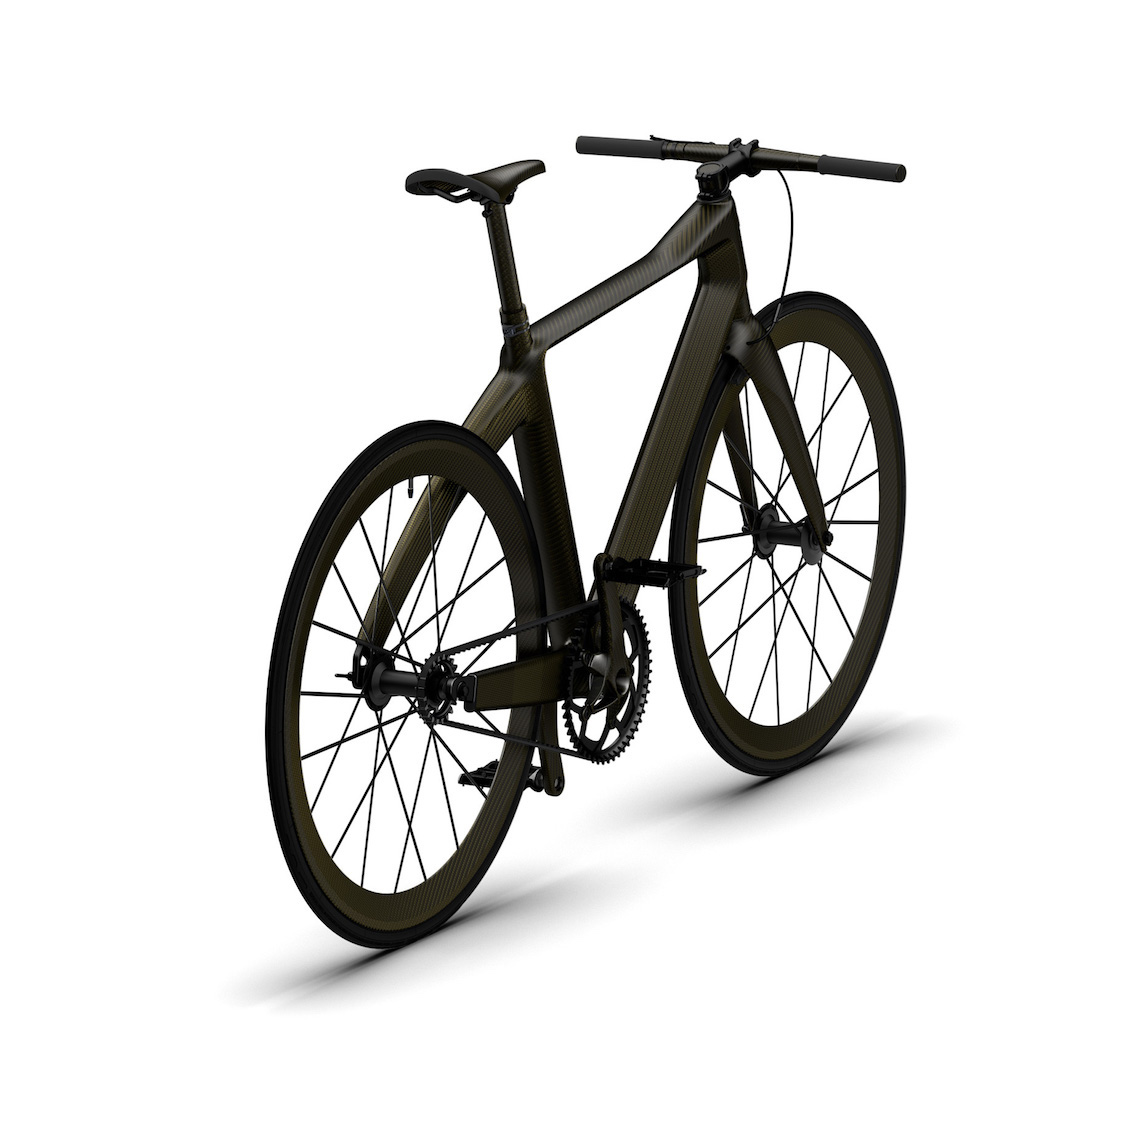 PG x Bugatti urban_bike_urbancycling_4